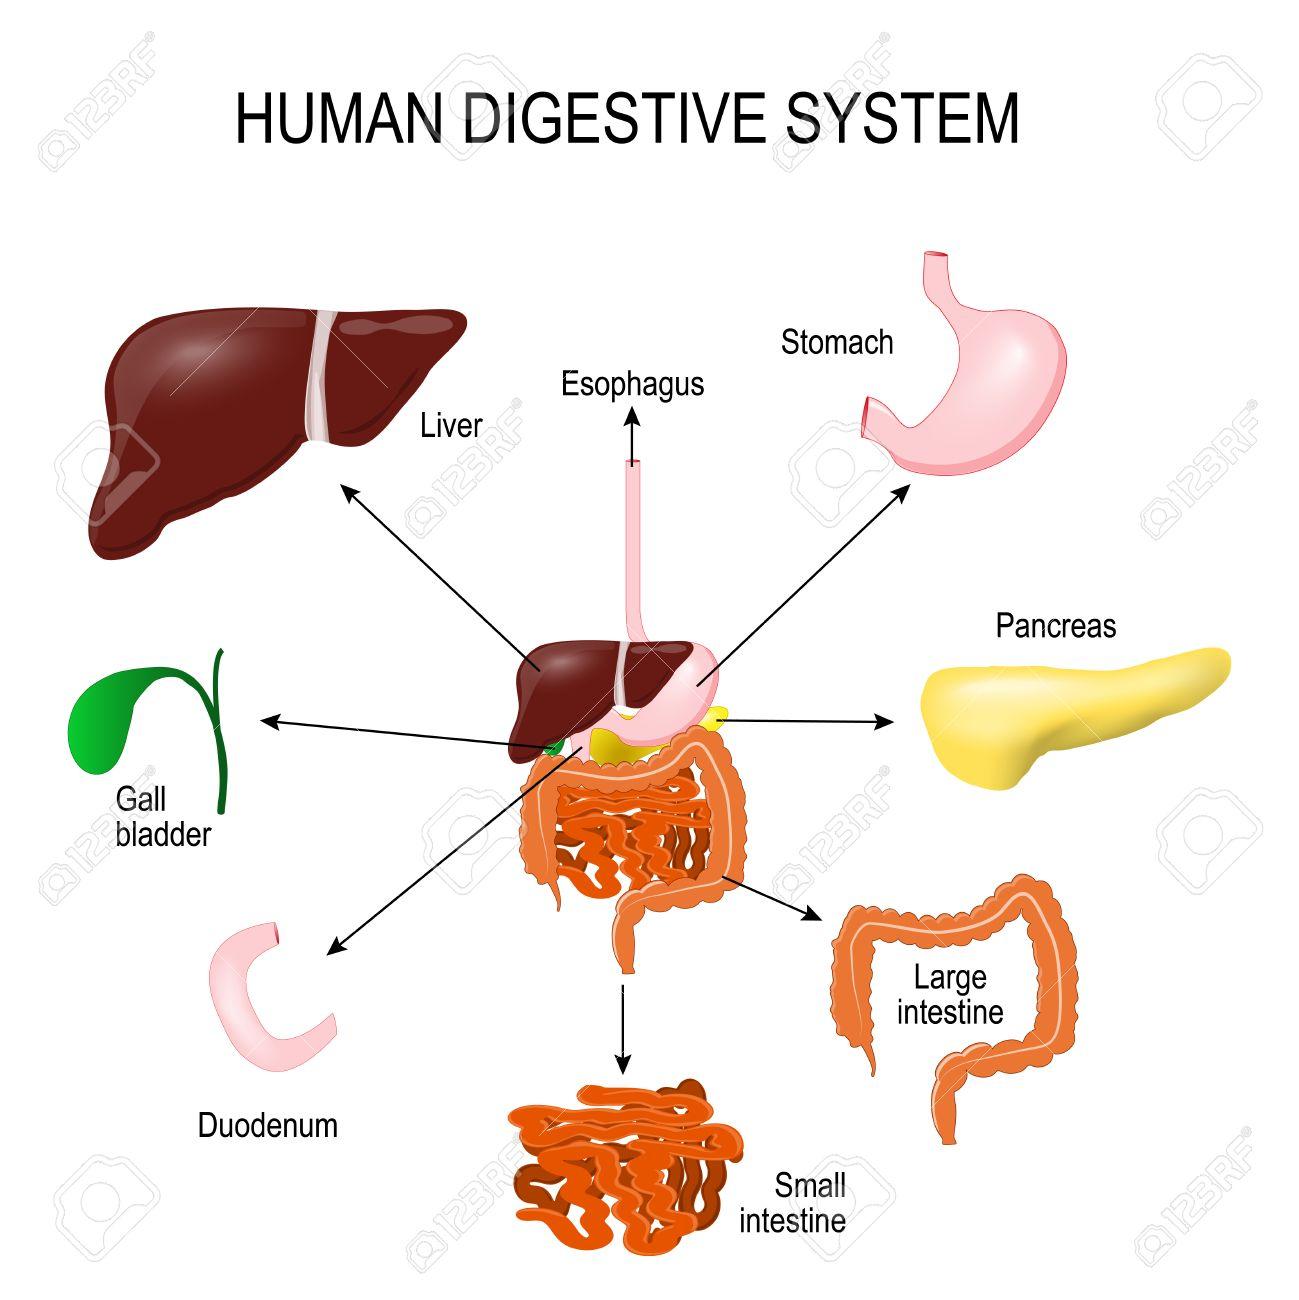 Sistema Digestivo Humano Con Todas Las Partes: El Estómago, Vesícula ...